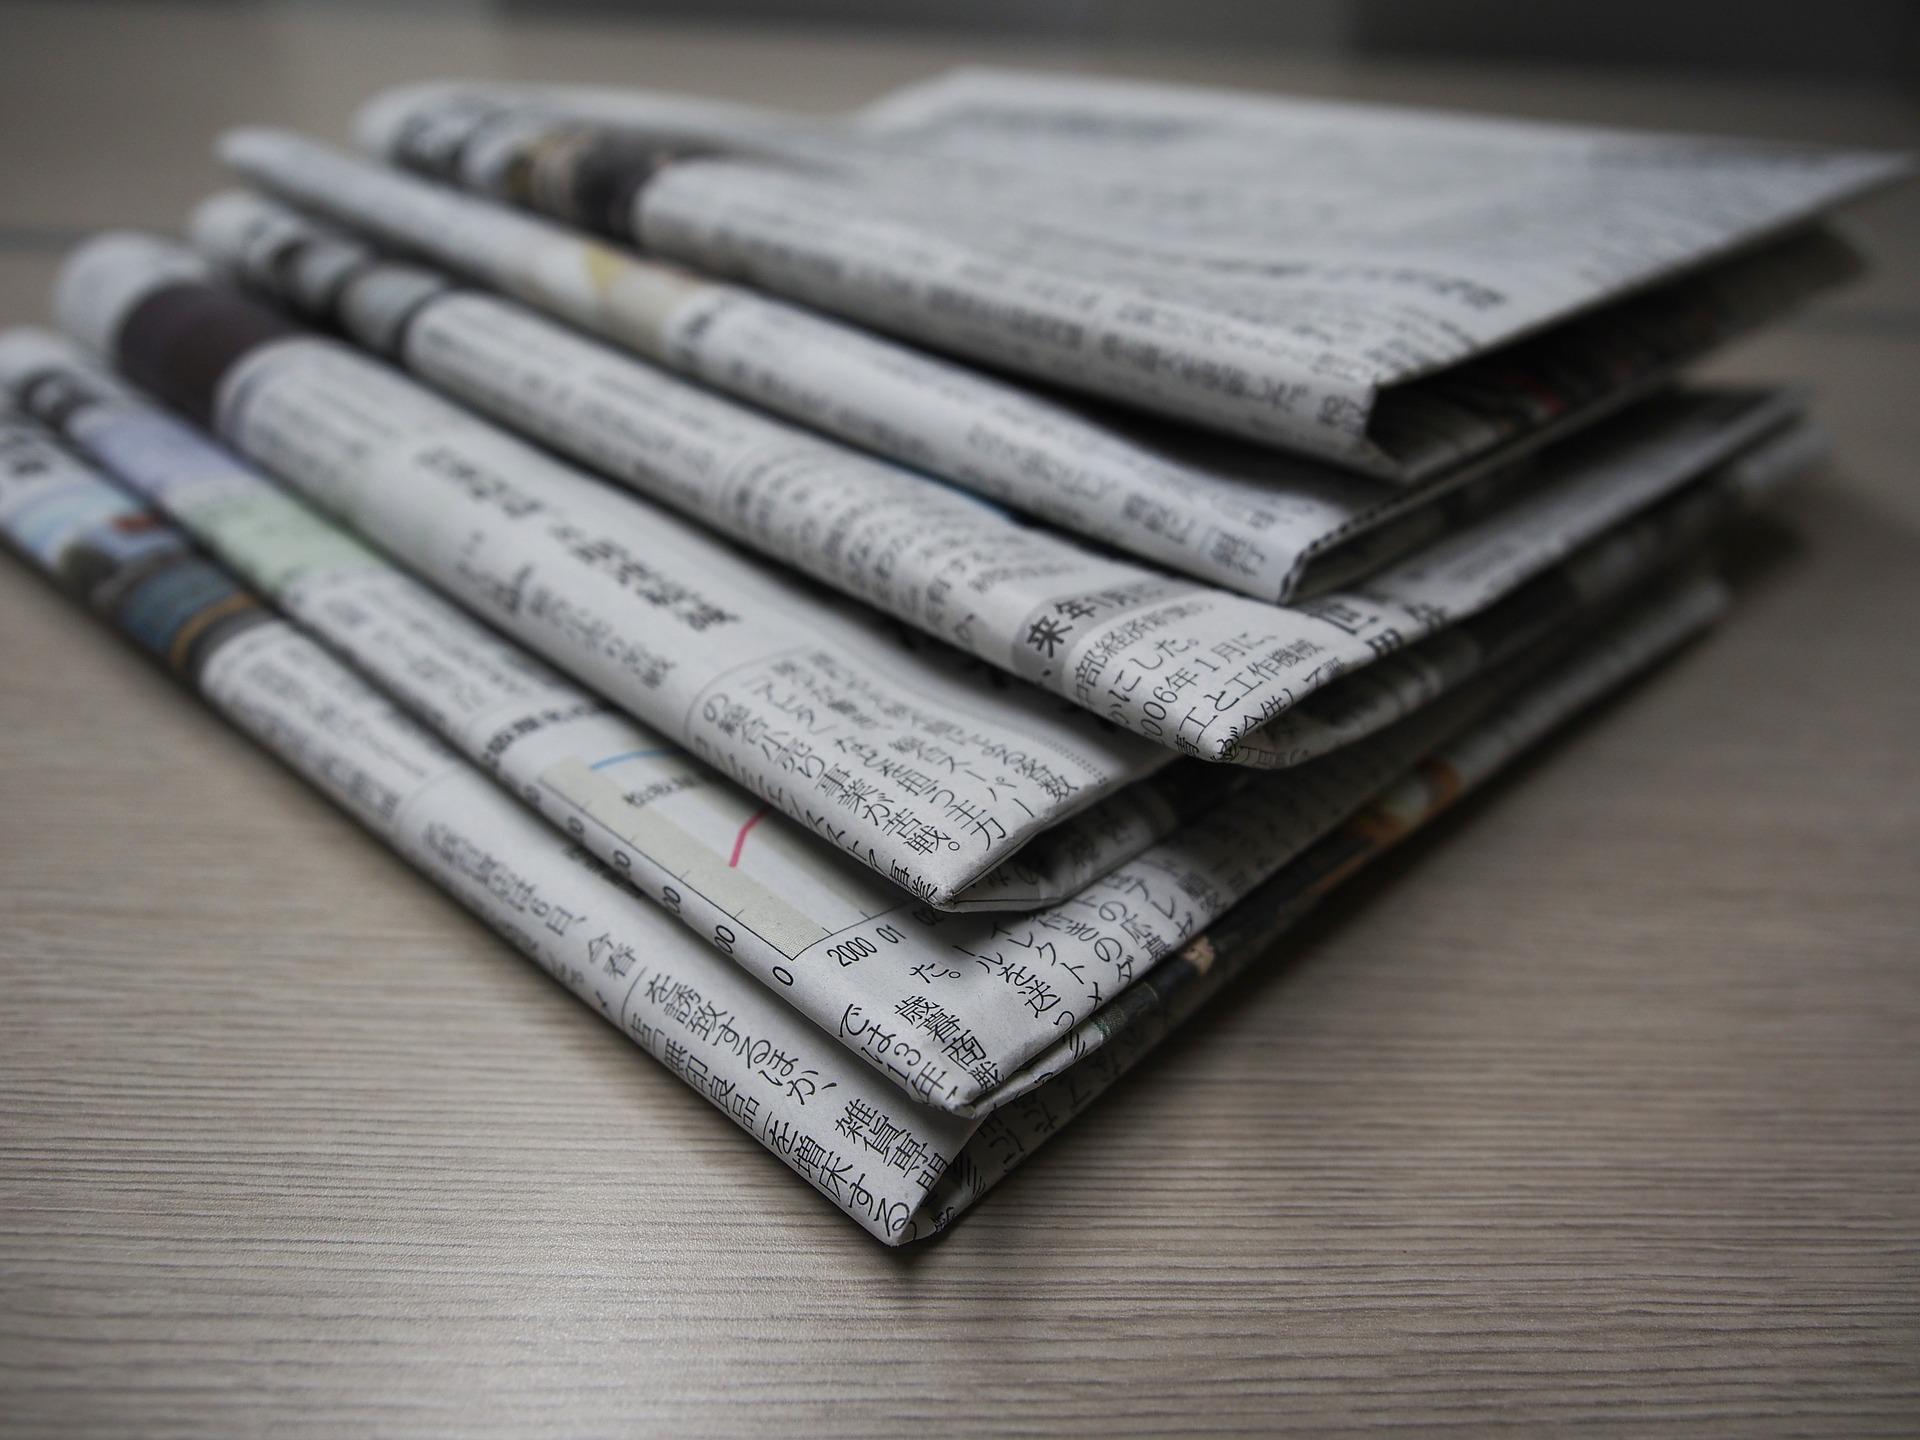 Nieuws van de Nederlandse Vereniging tot Ontwikkeling van het Reken/WiskundeOnderwijs (NVORWO)